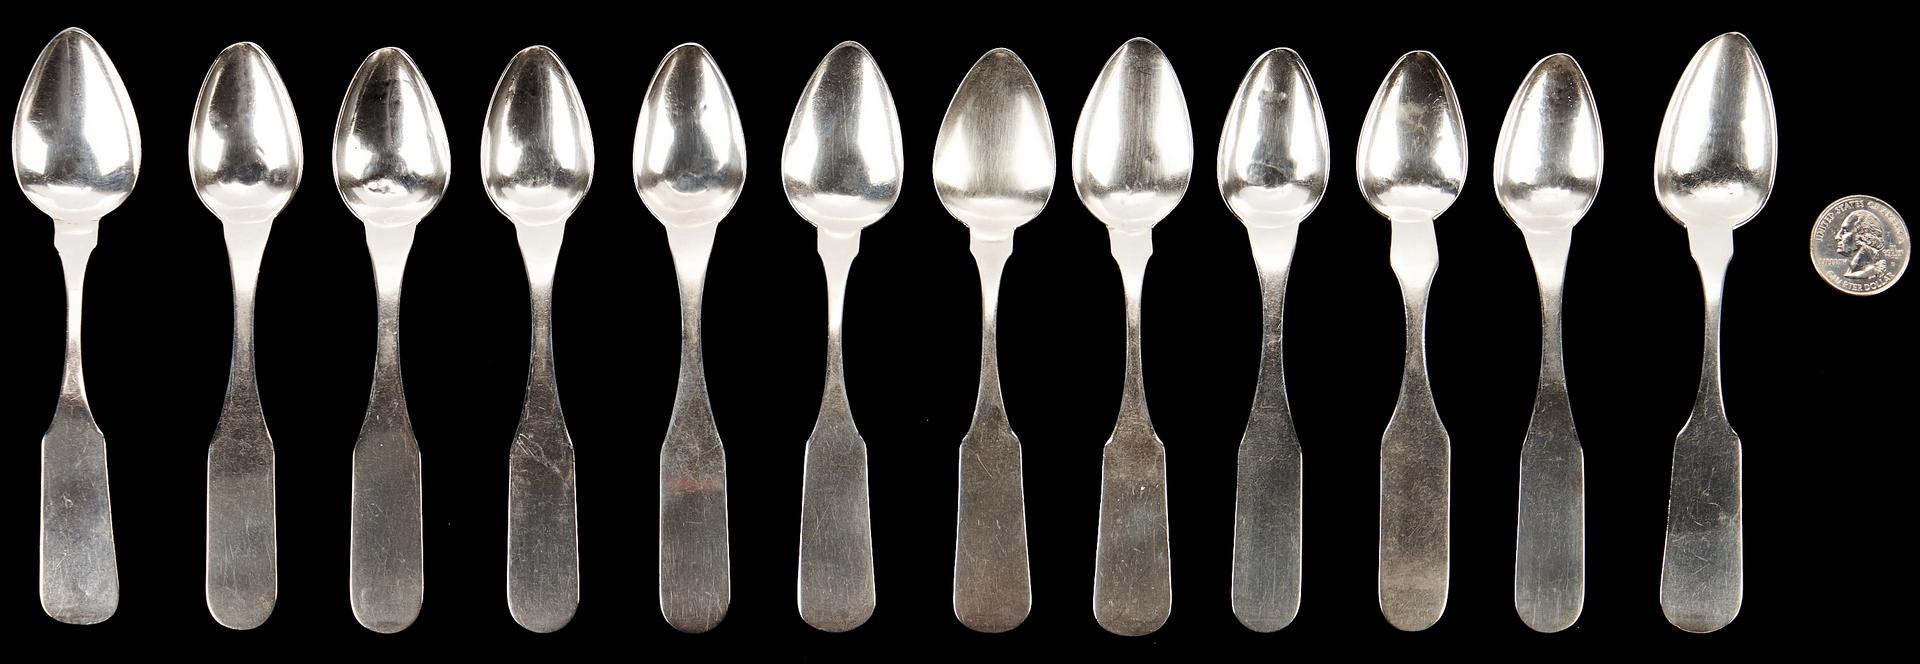 Lot 118: 12 Asa Blanchard KY Coin Silver Teaspoons